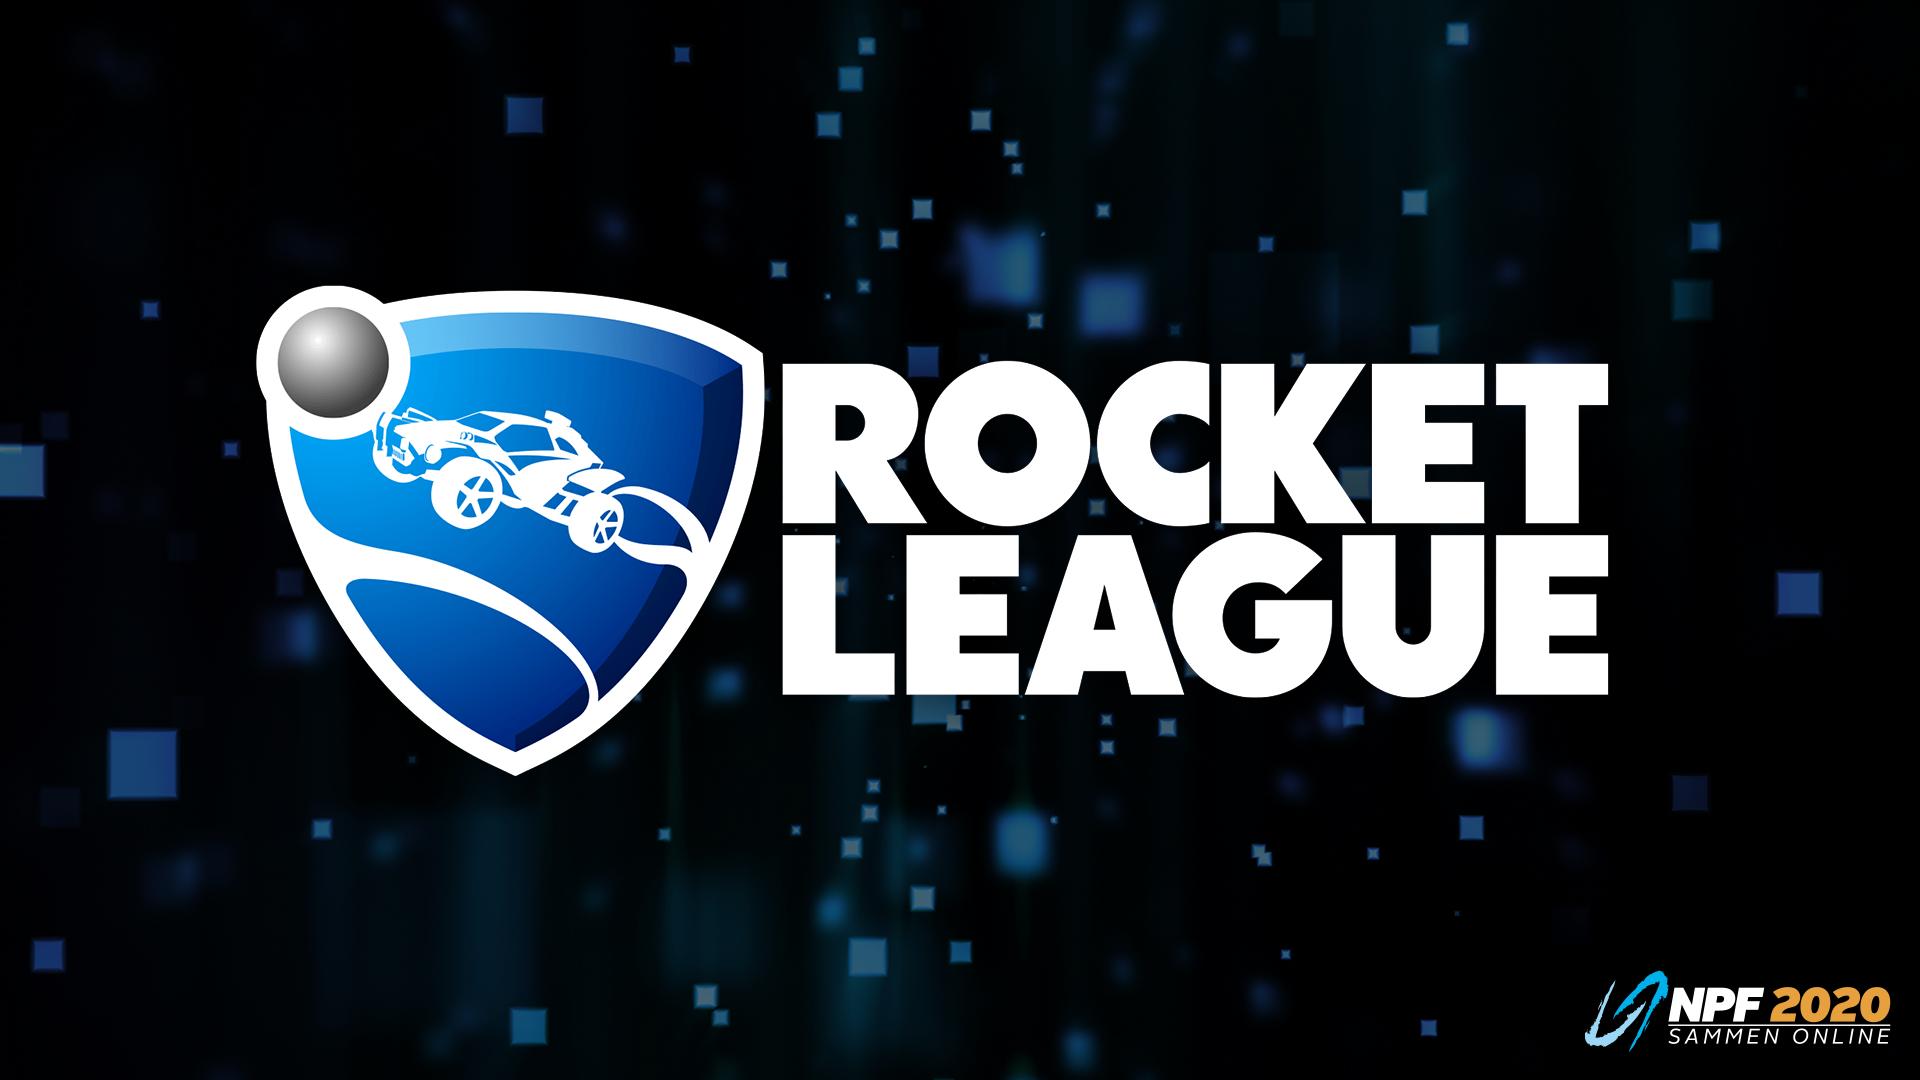 Rocket Leauge turnering til NPF 2020